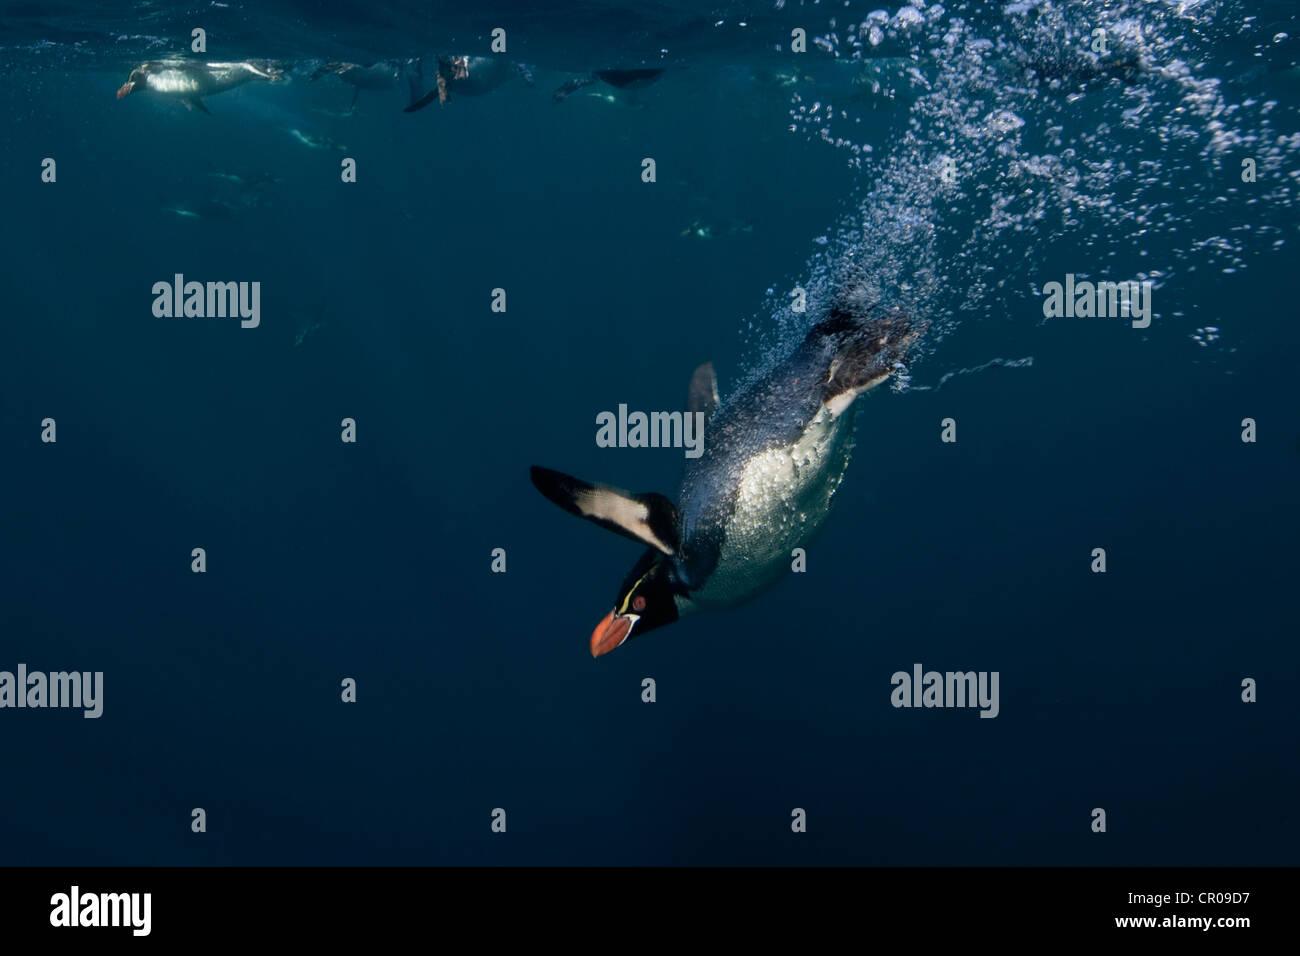 Pinguino crestato nuoto sott'acqua Immagini Stock